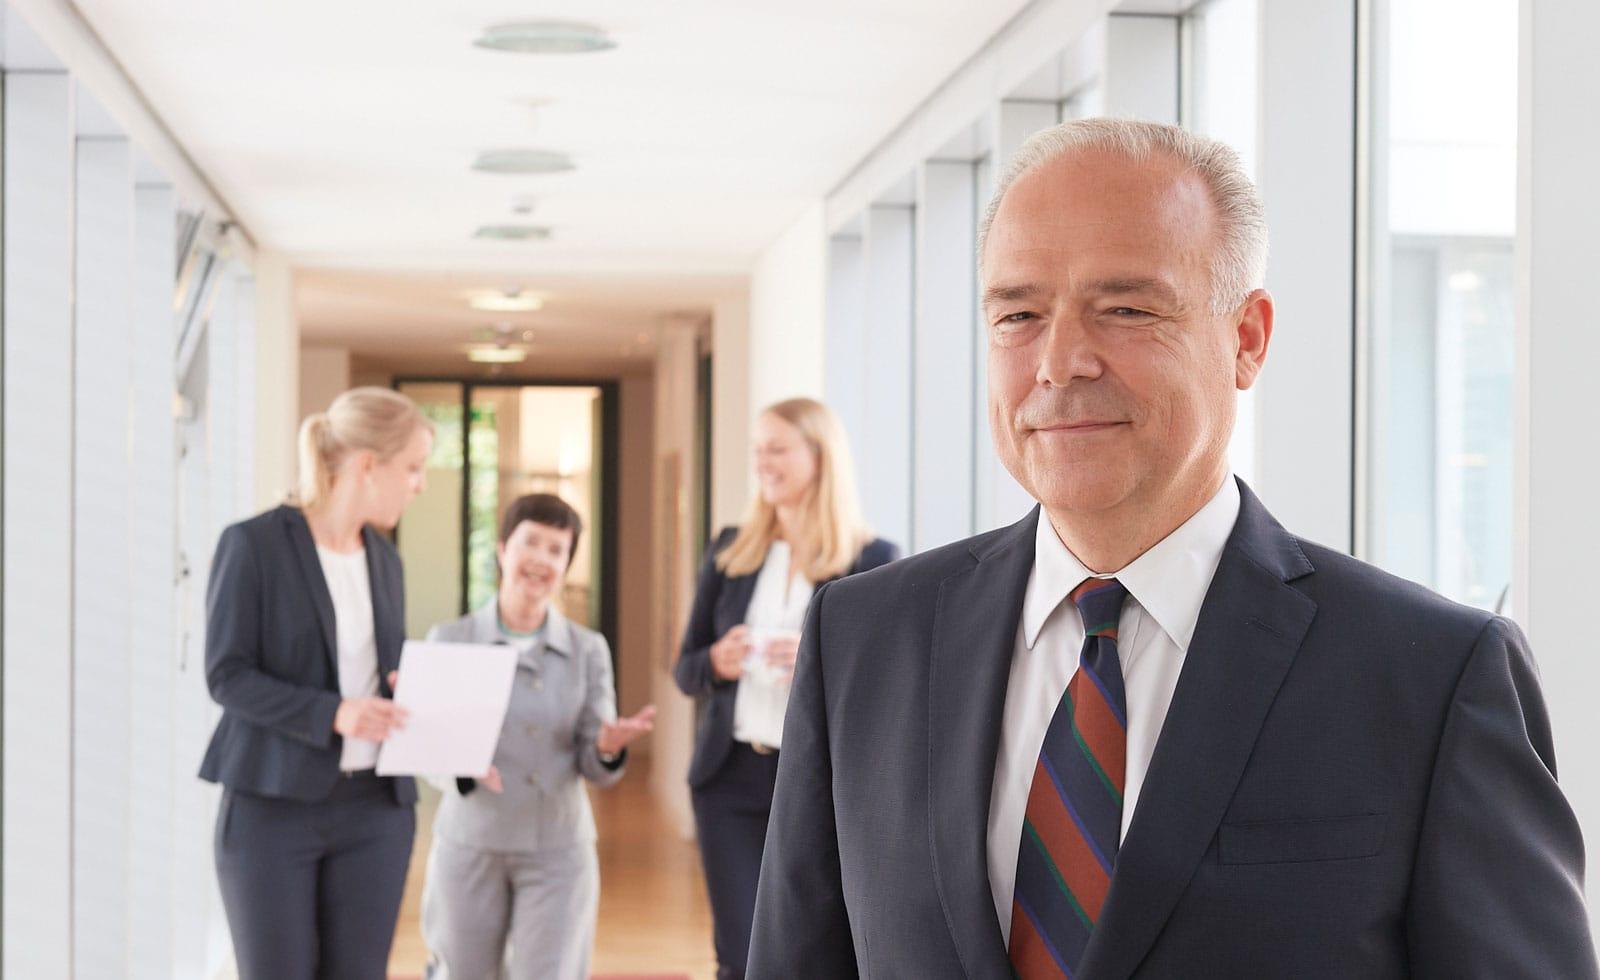 Portrait eines schmunzelnden Rechtsanwaltes in seiner Kanzlei